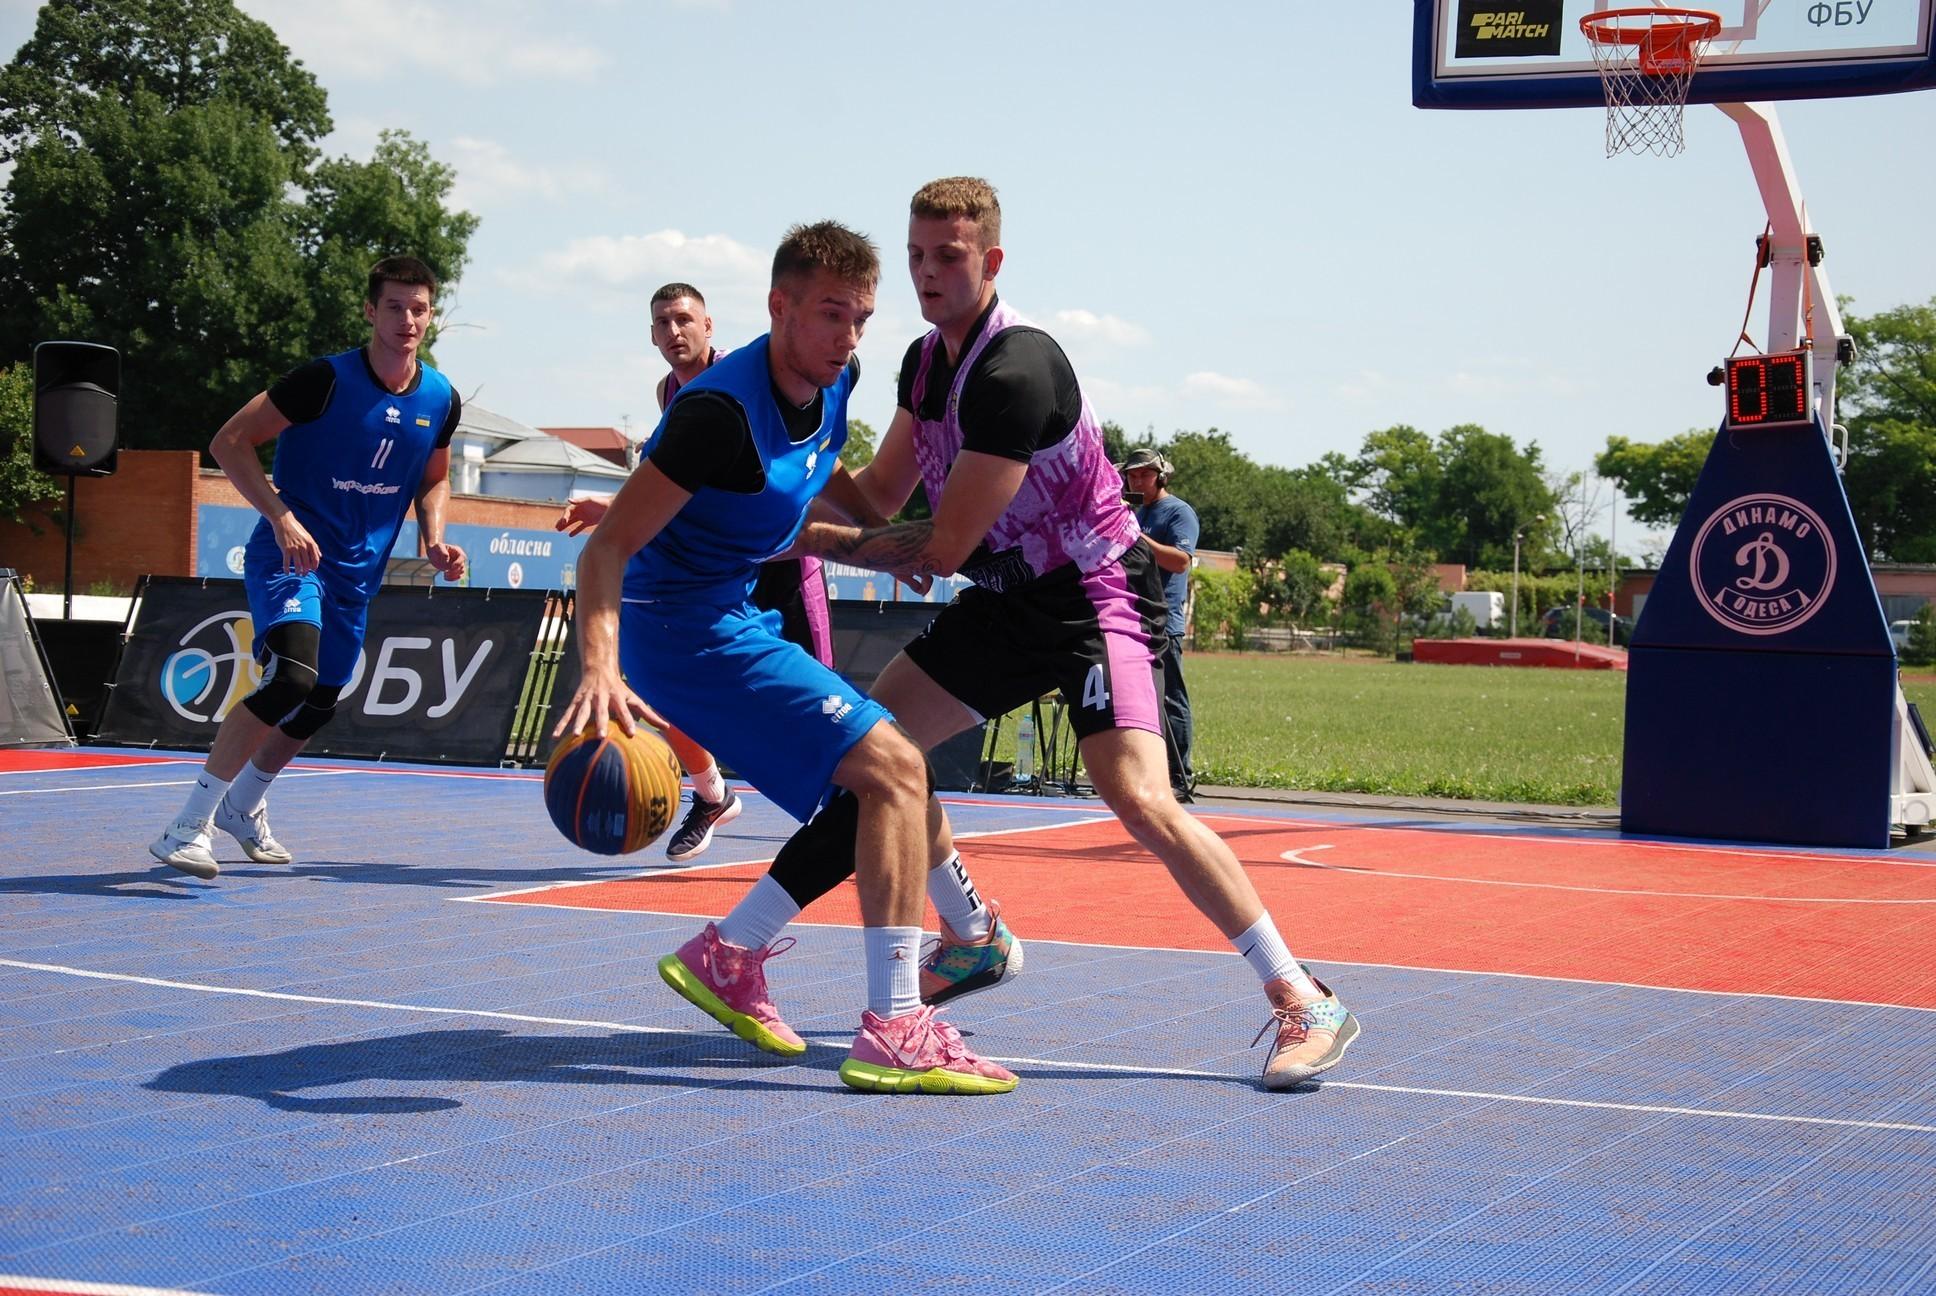 Визначилася символічна збірна 5 та 6 туру чемпіонату України 3х3